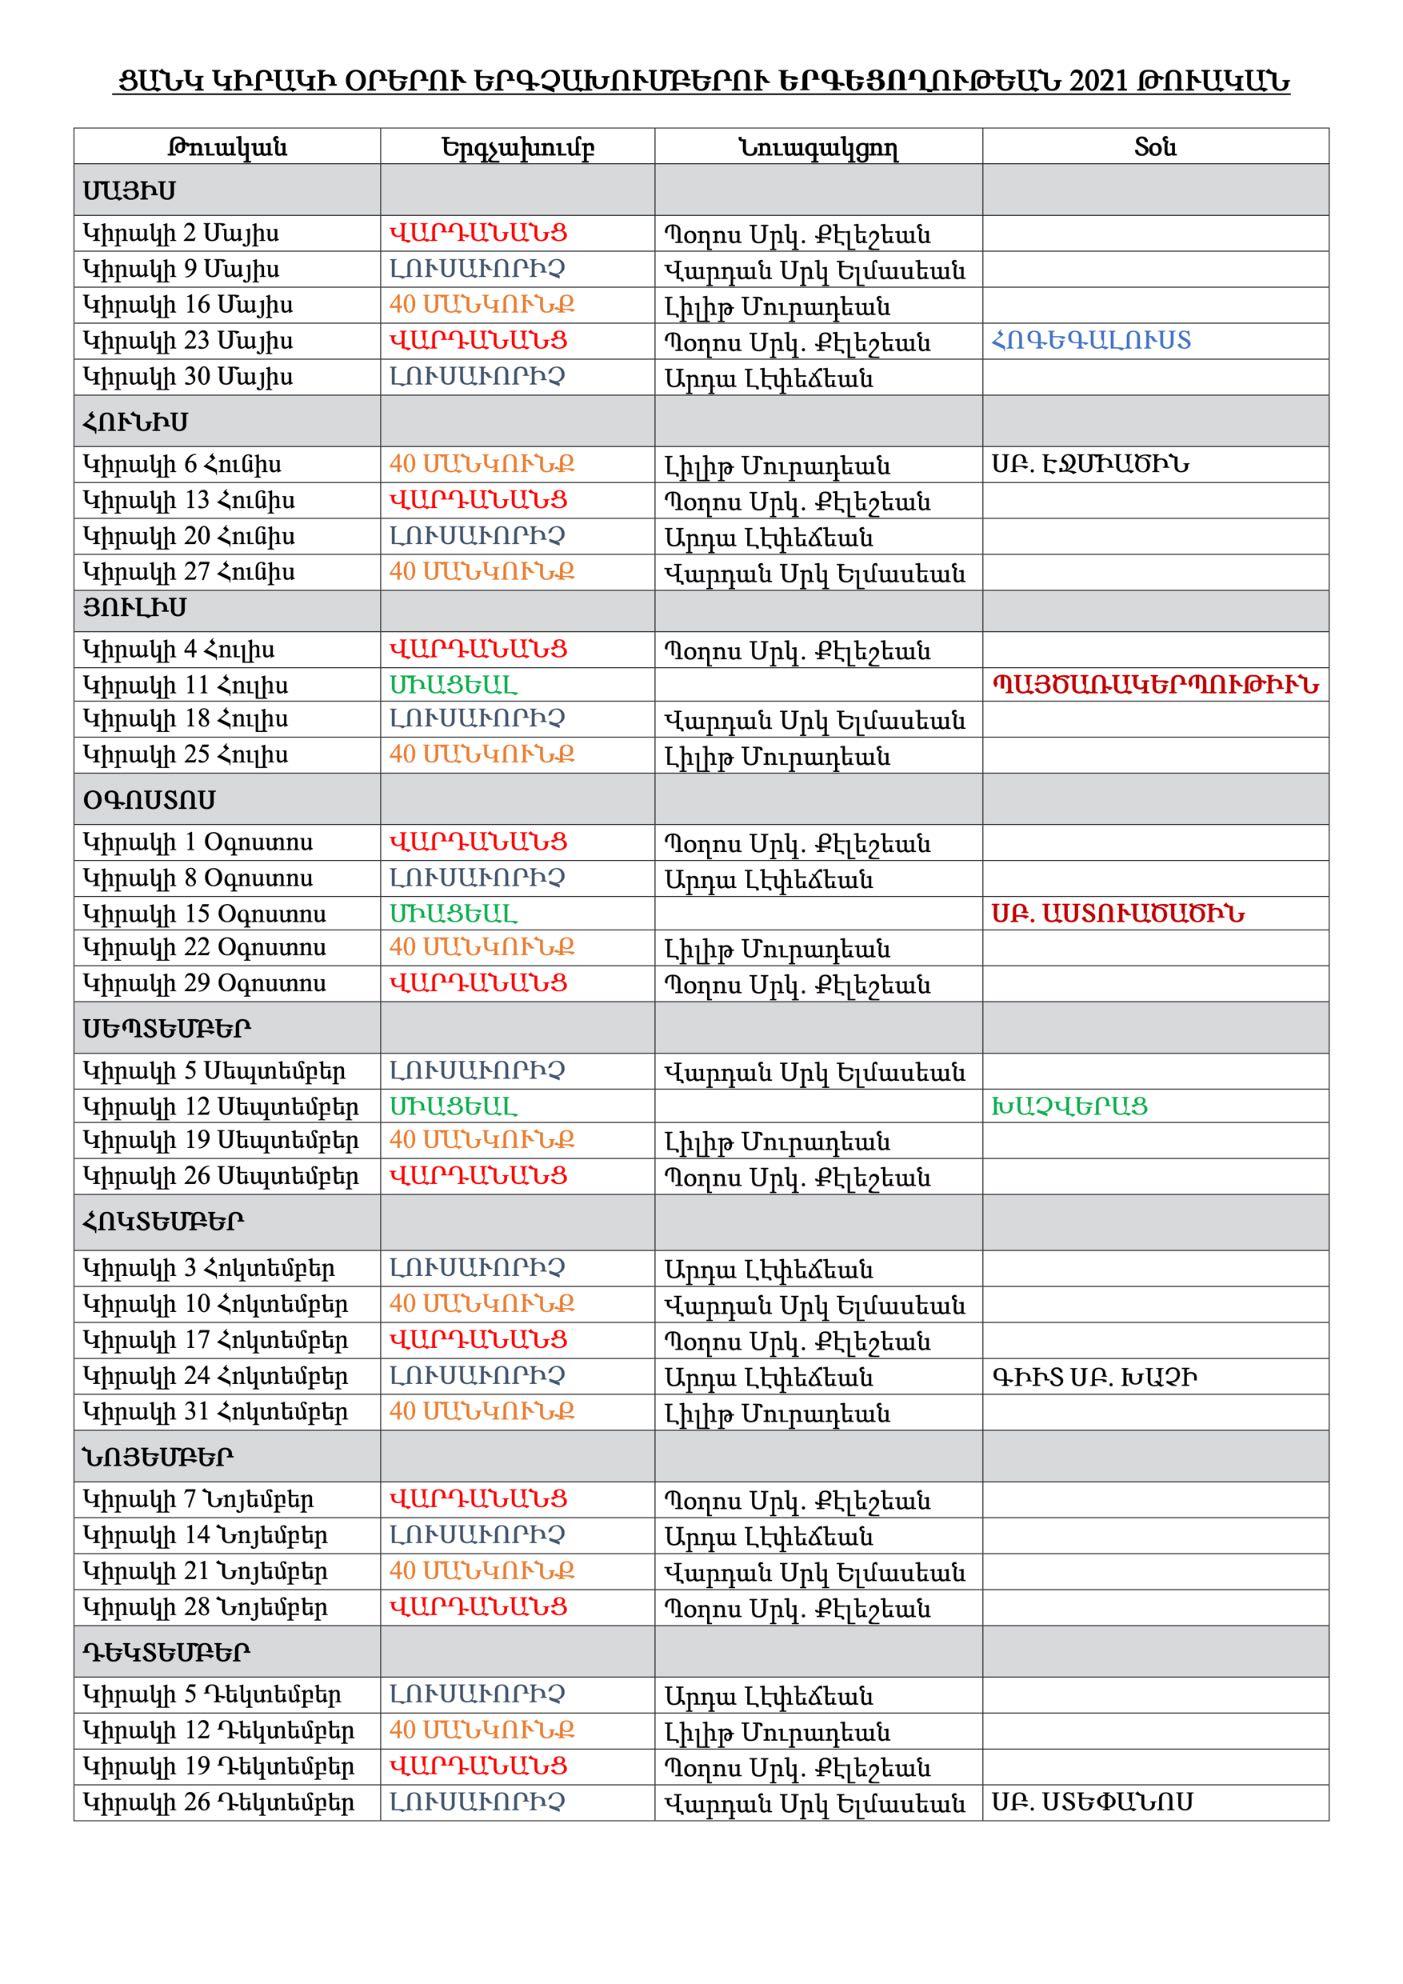 Church Choir Timetable 2021